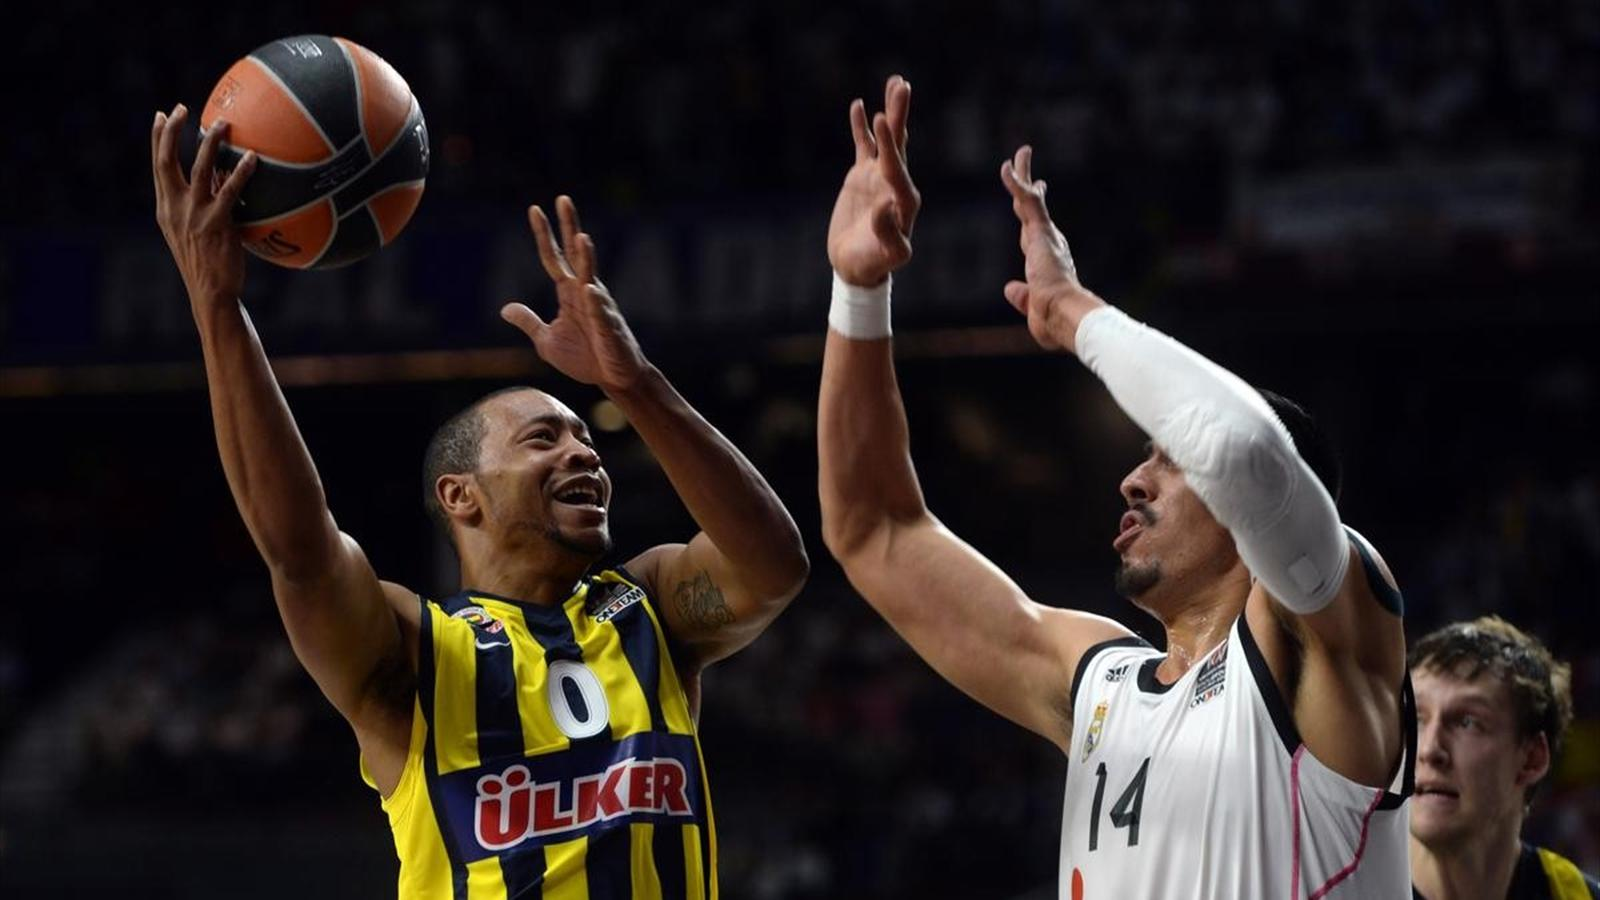 Fenerbahçe Ülker'den Goudelock ile Real Madrid'den Ayon mücadele ediyor